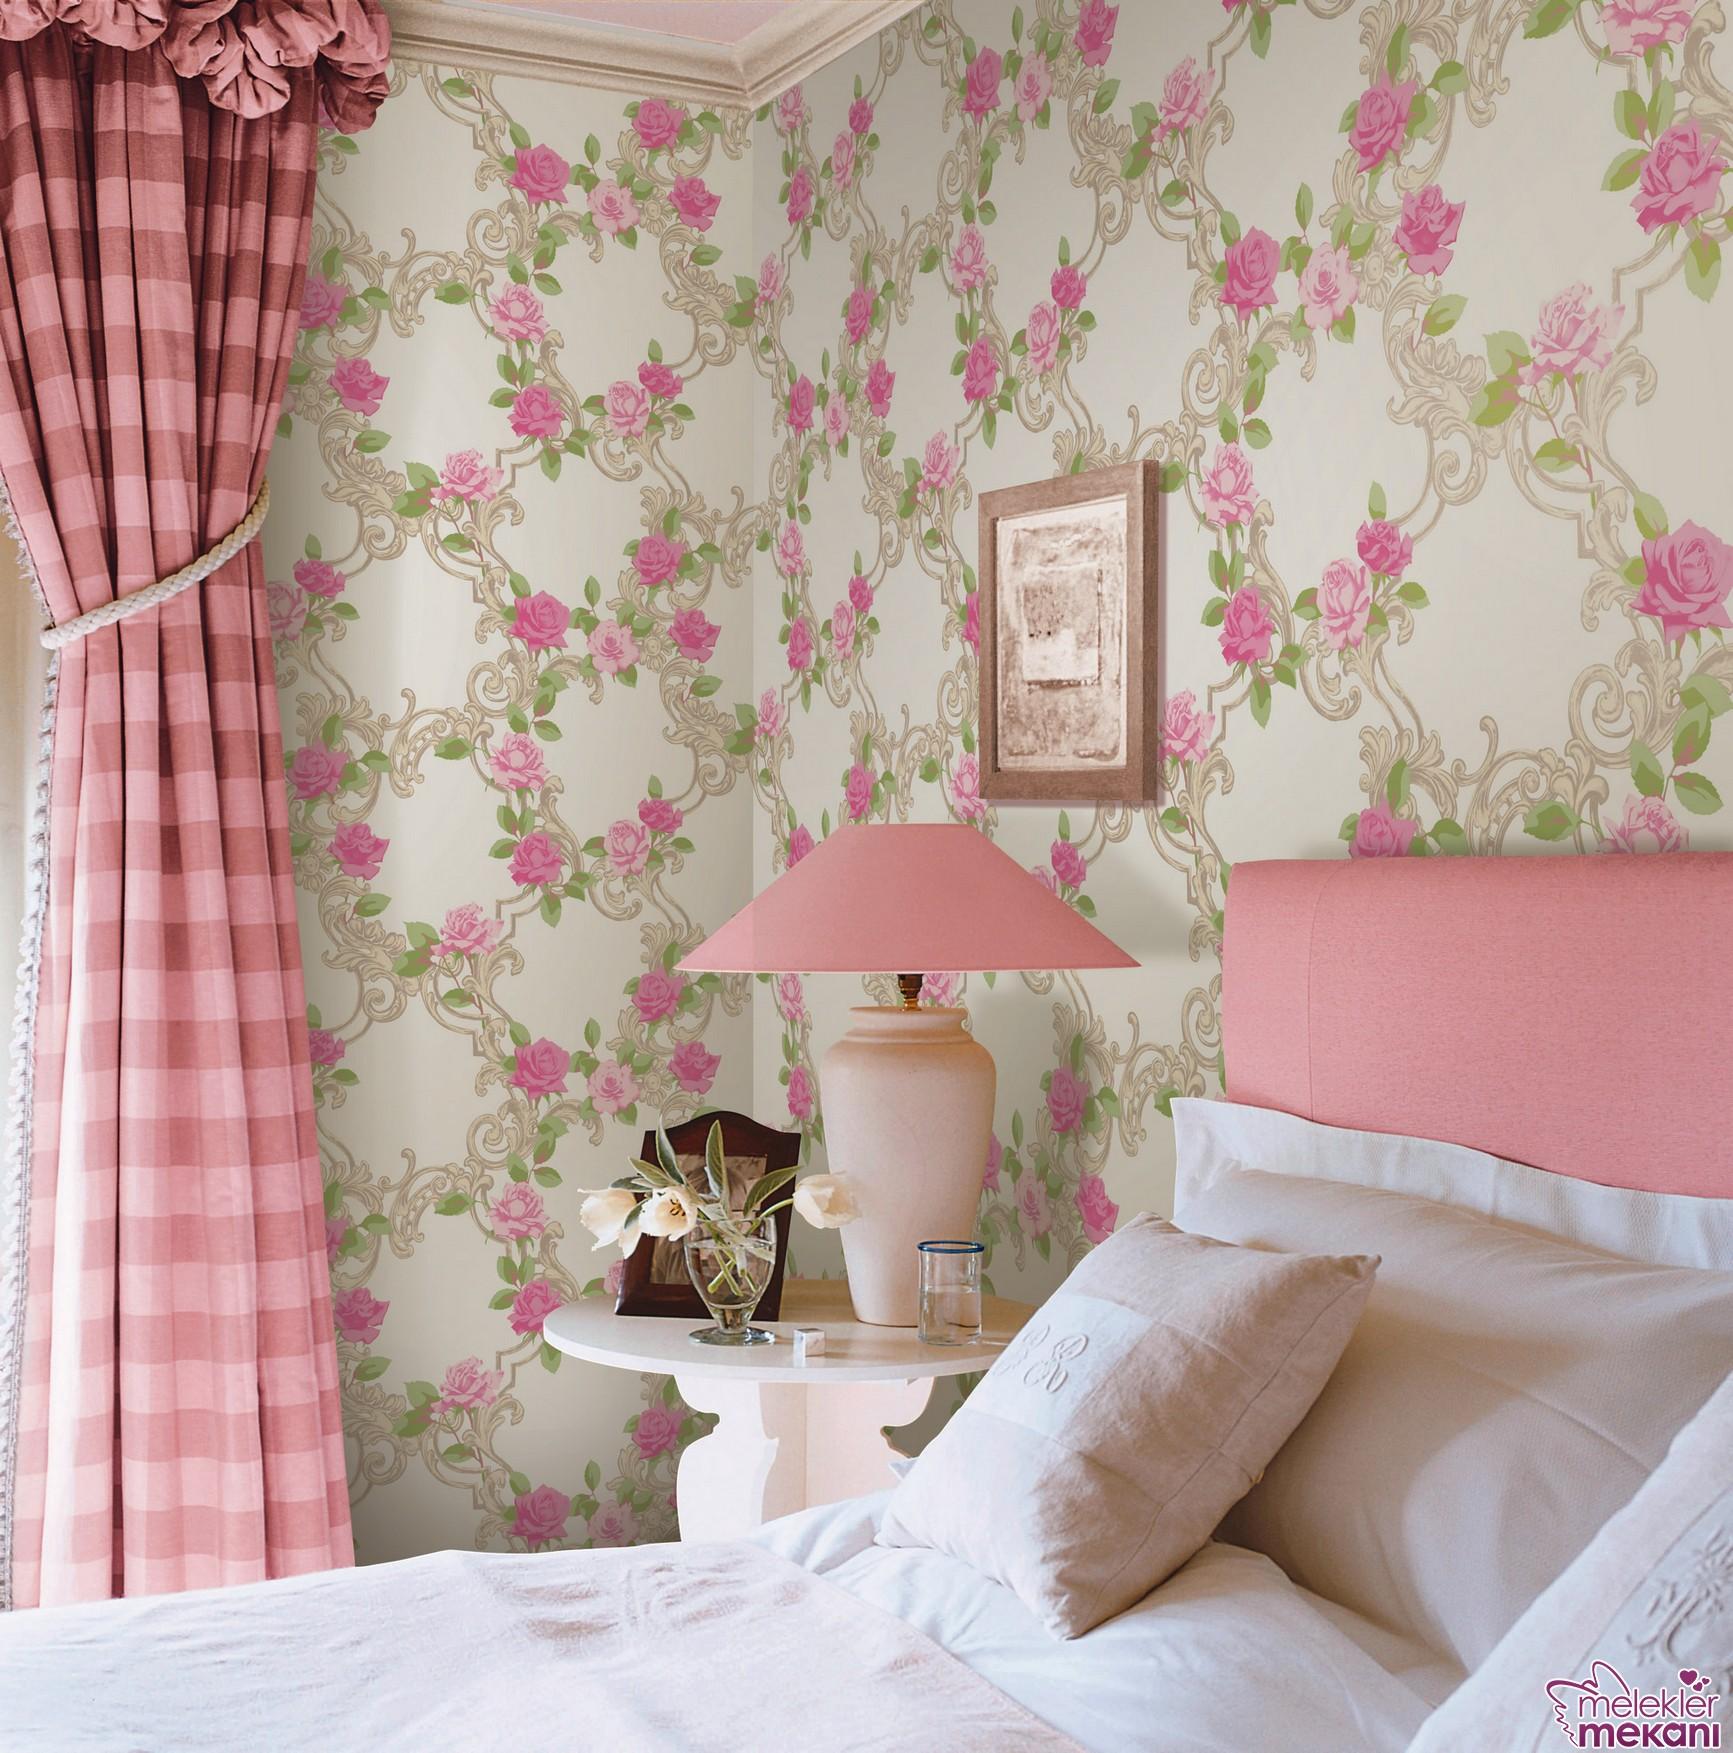 Çiçekli duvar kağıtlarını yeni sezonda her odada uygulayabilirsiniz.